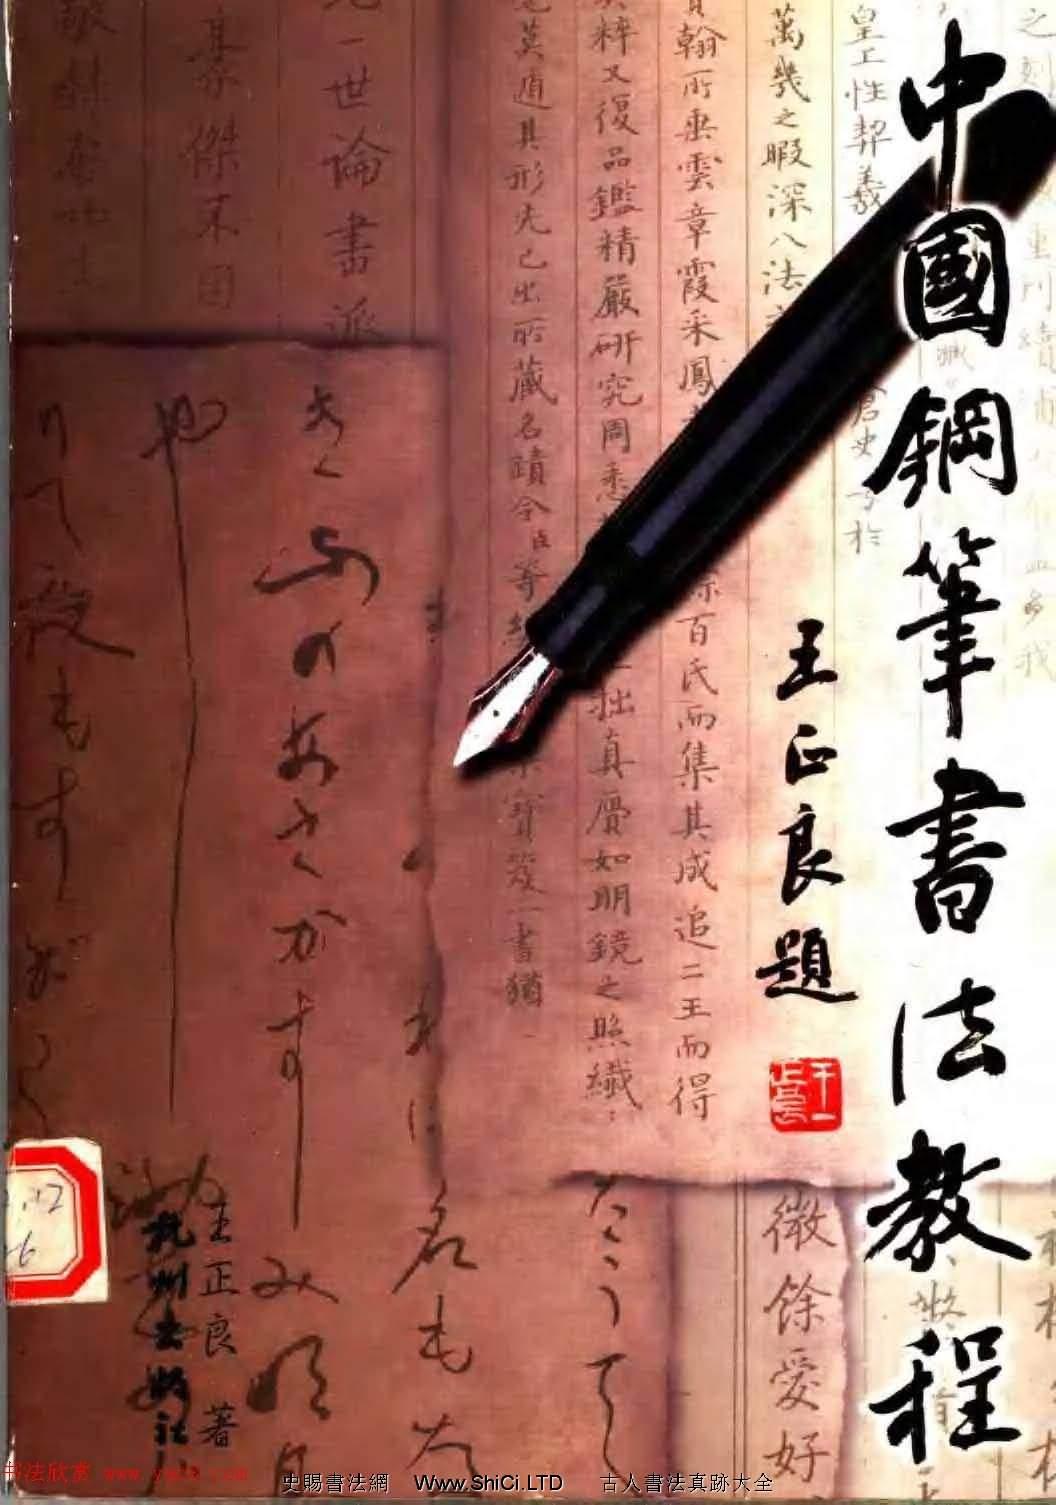 王正良著字帖《中國鋼筆書法教程》(共20張圖片)